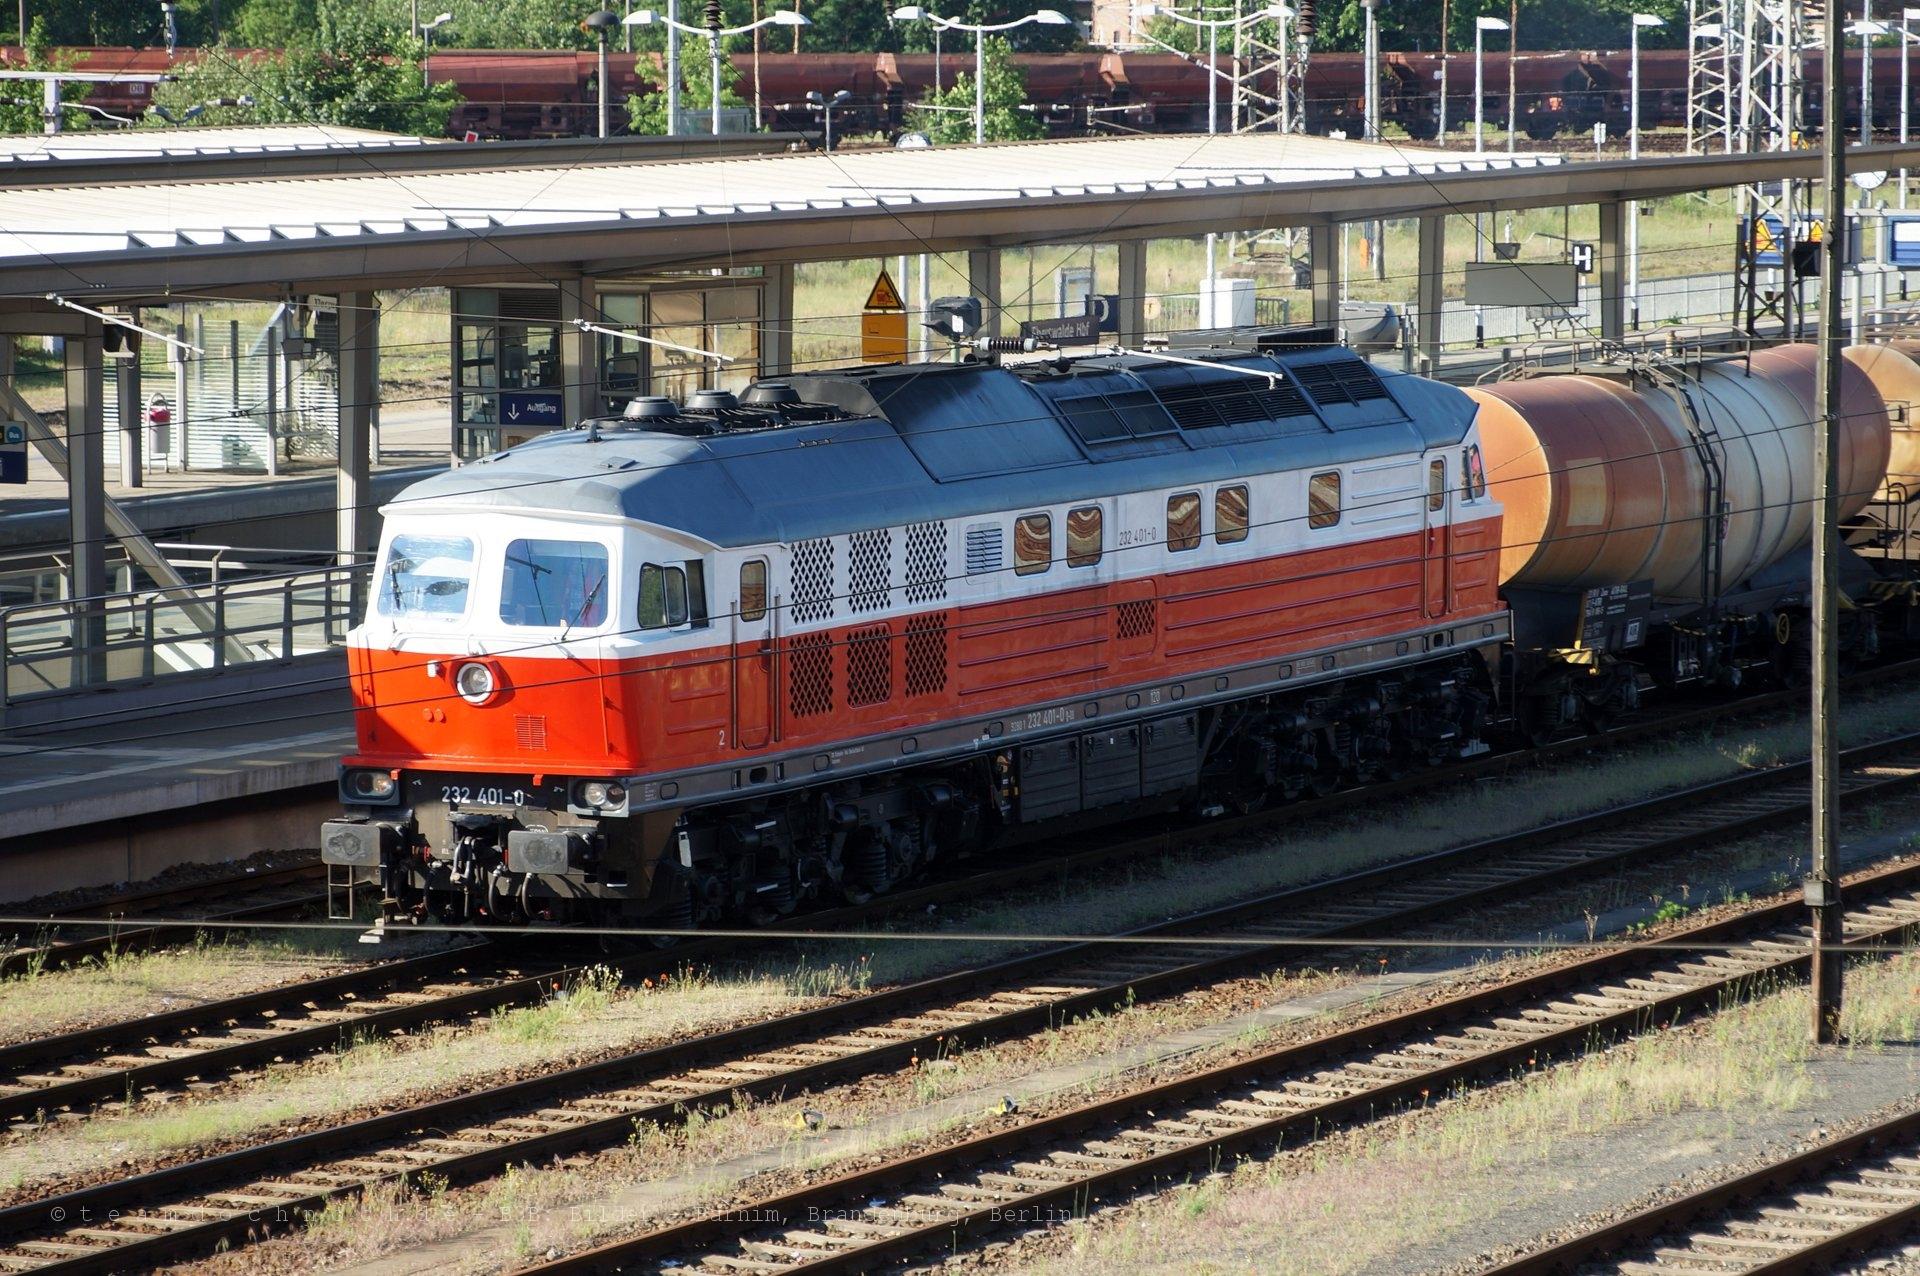 232 401-0 in Eberswalde